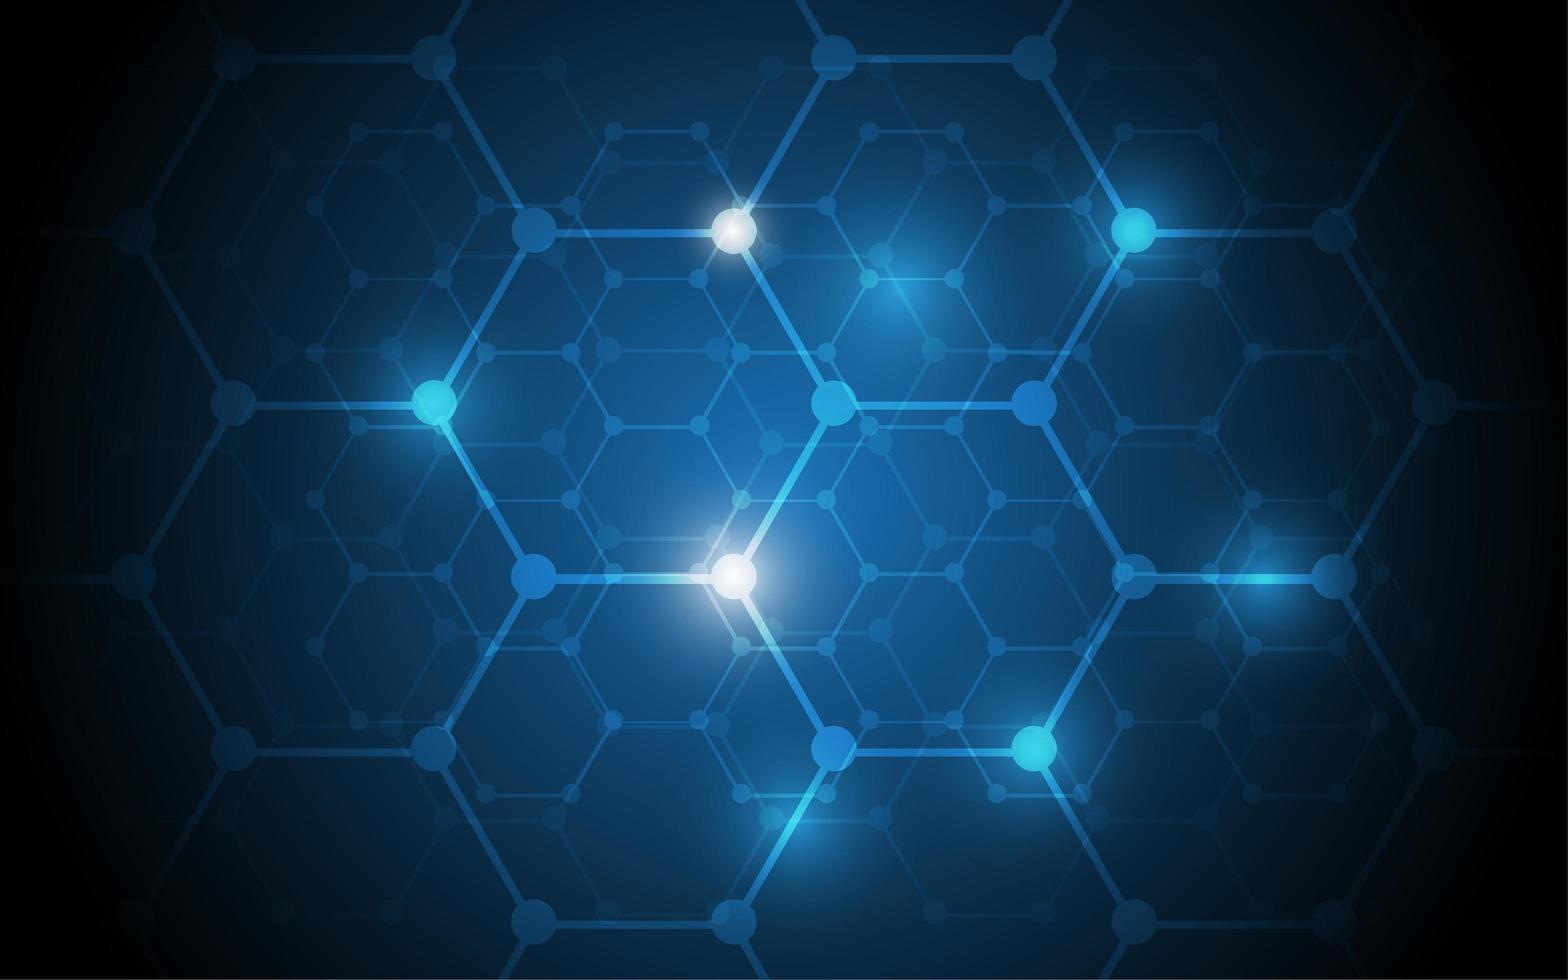 abstrakt teknik hexagon hi tech bakgrund vektor